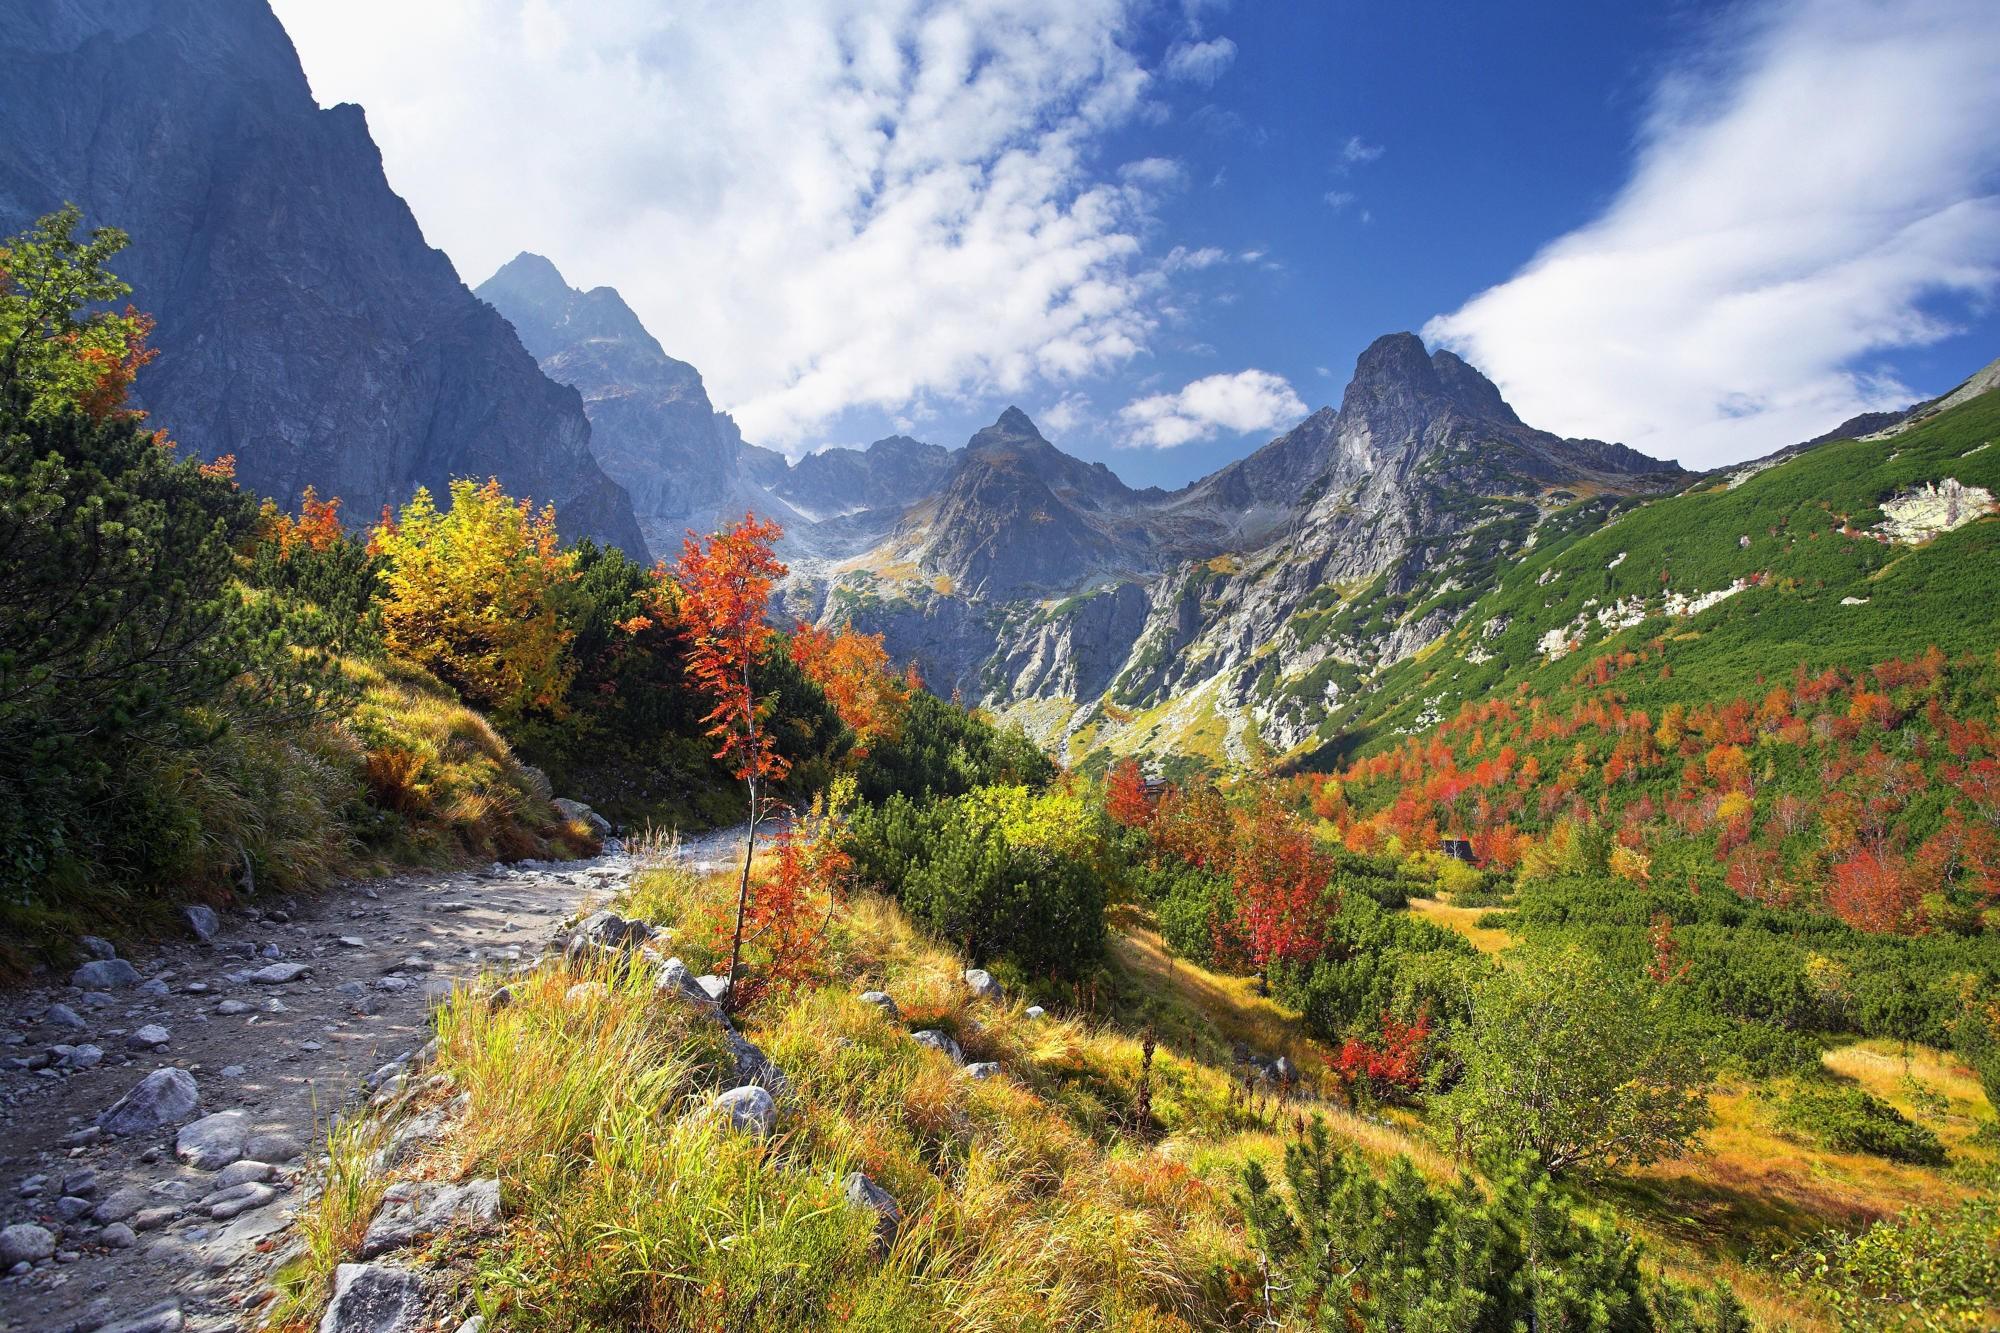 Днем, гифки с осенью в горах